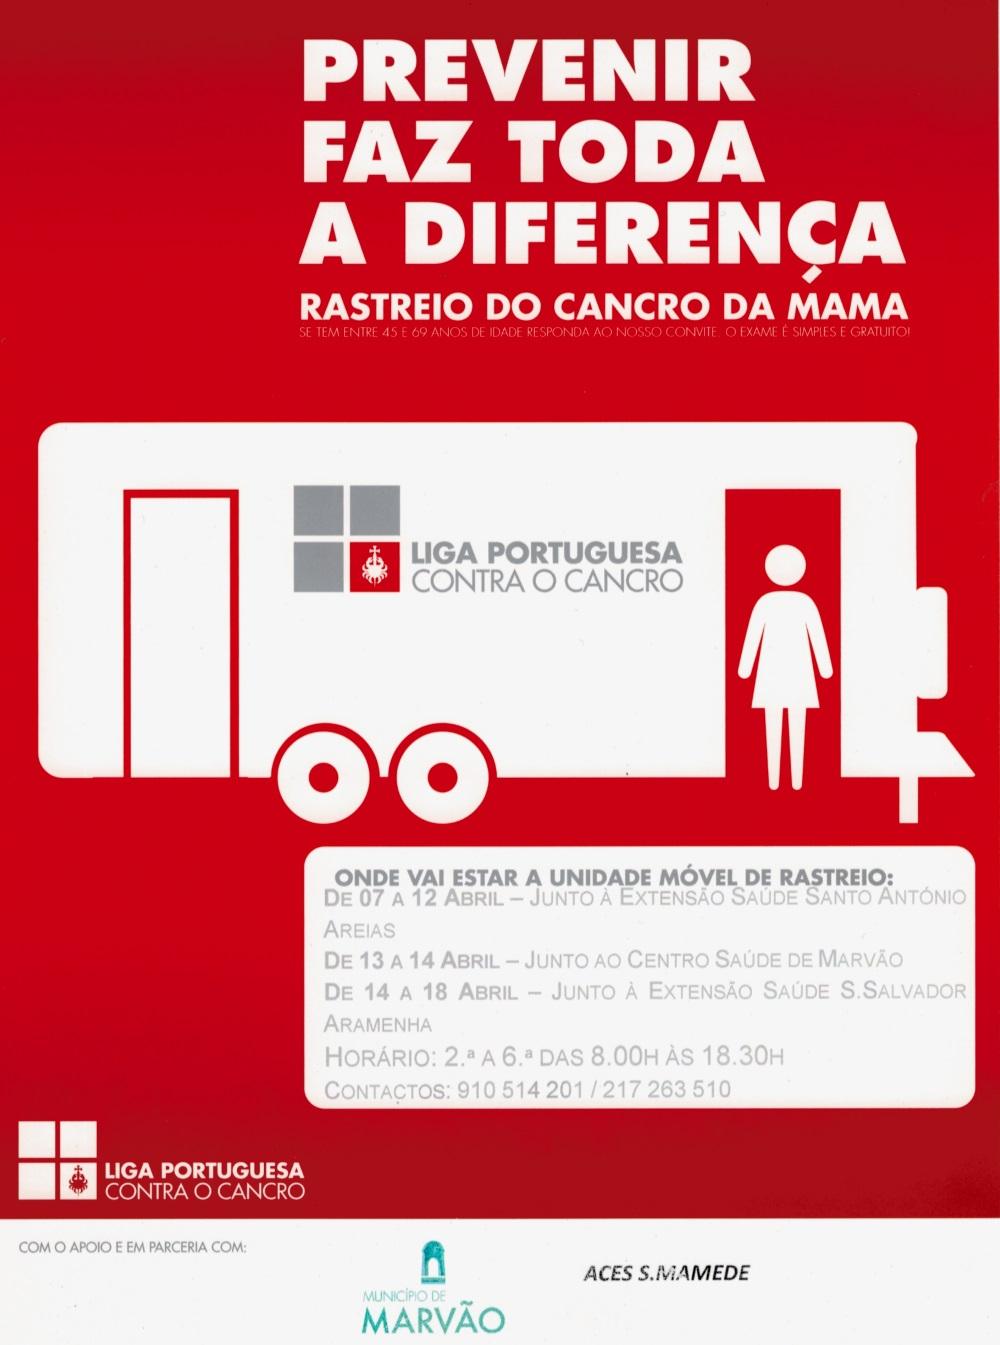 f85b880ee164b A Liga Portuguesa Contra o Cancro, através do Núcleo Regional do Sul,  promove, entre os dias 7 e 18 de abril, um Rastreio do Cancro da Mama no  concelho de ...